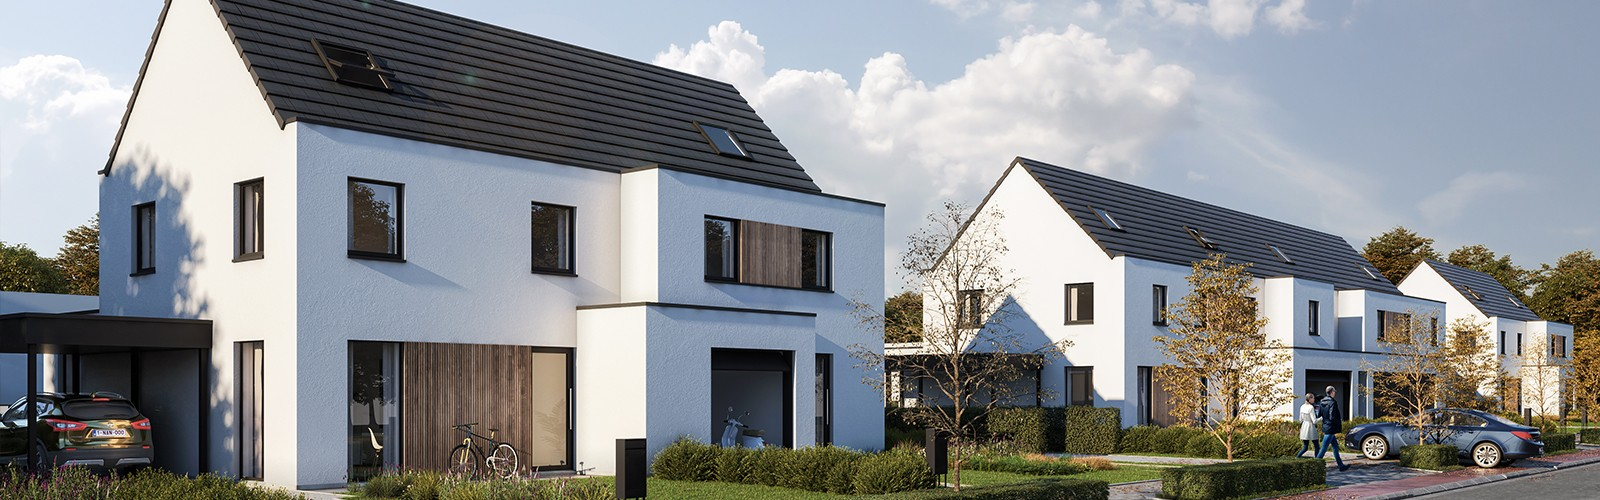 Projectontwikkelaar Potrell - Nieuwbouwwoning